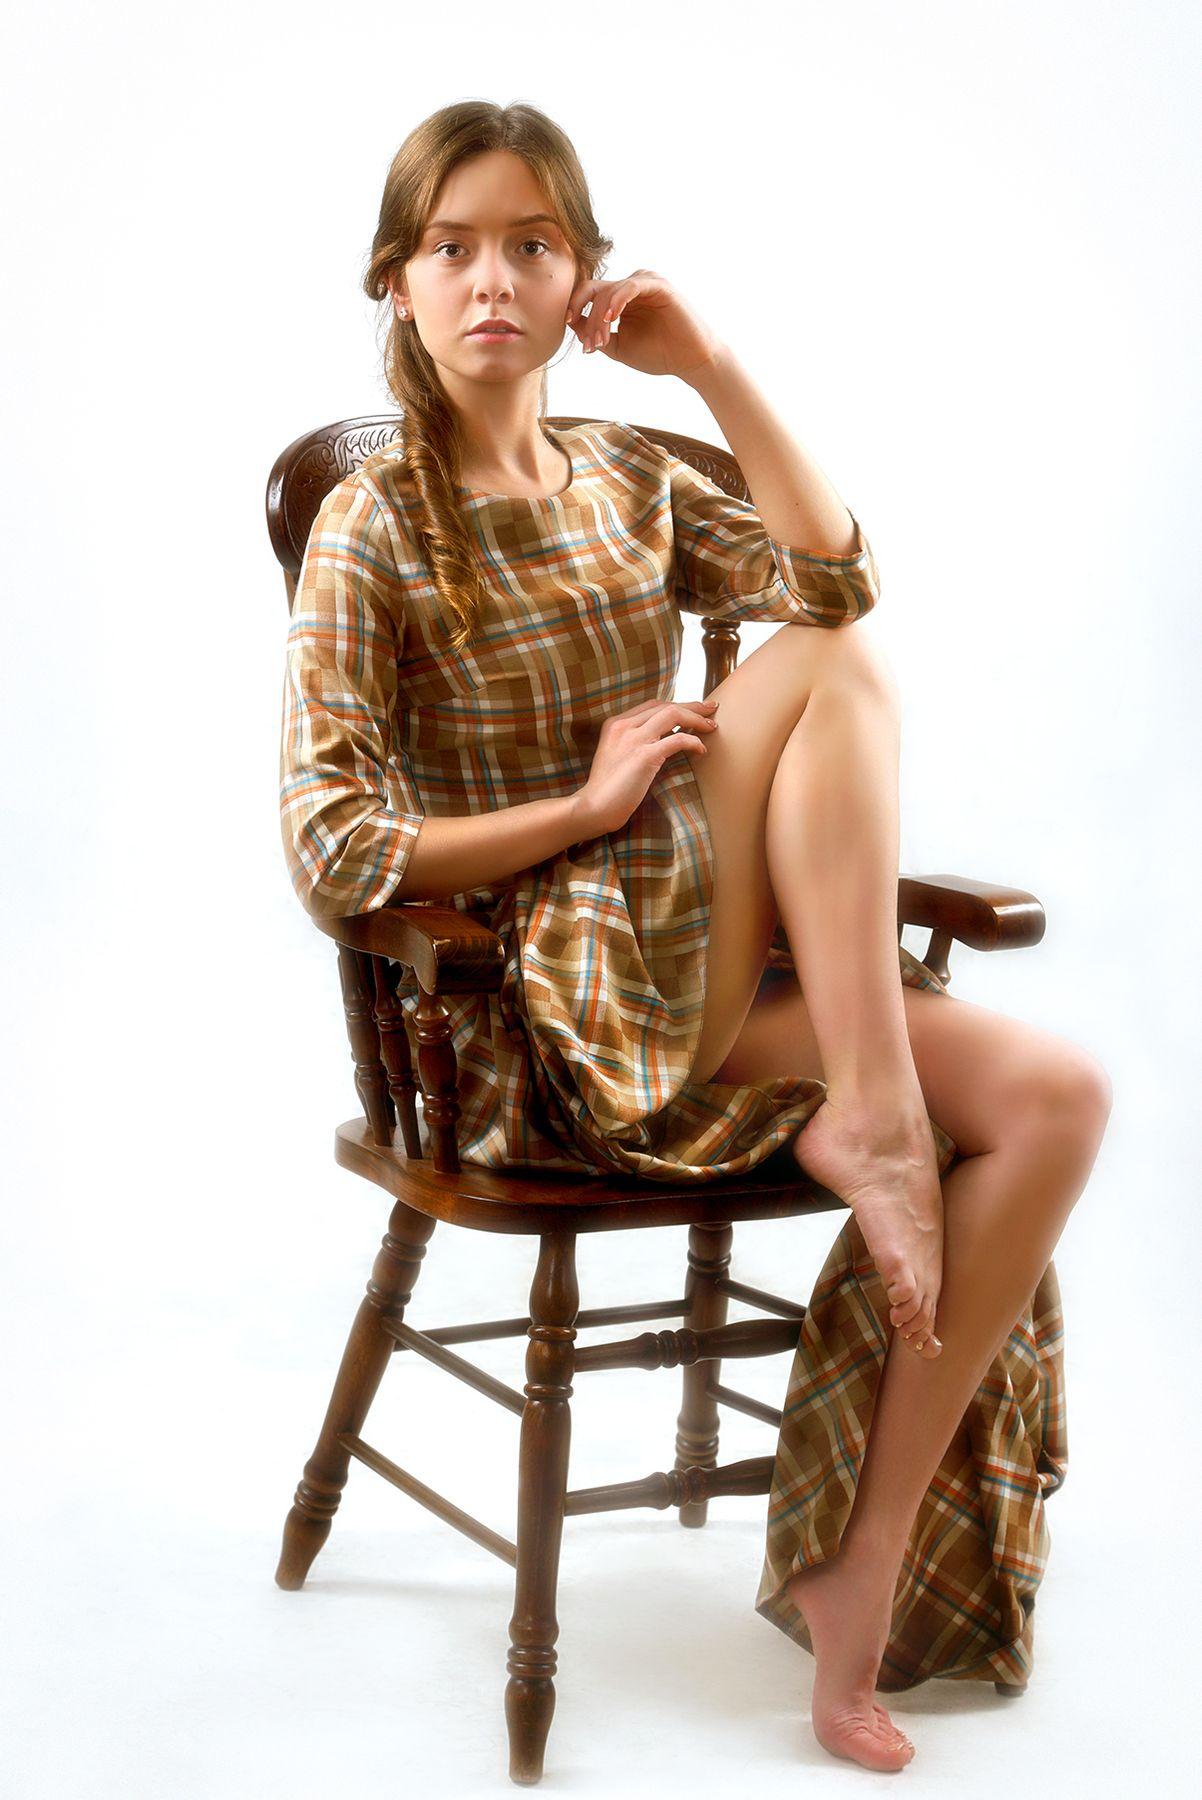 Девушка на стуле...2.. девушка модель